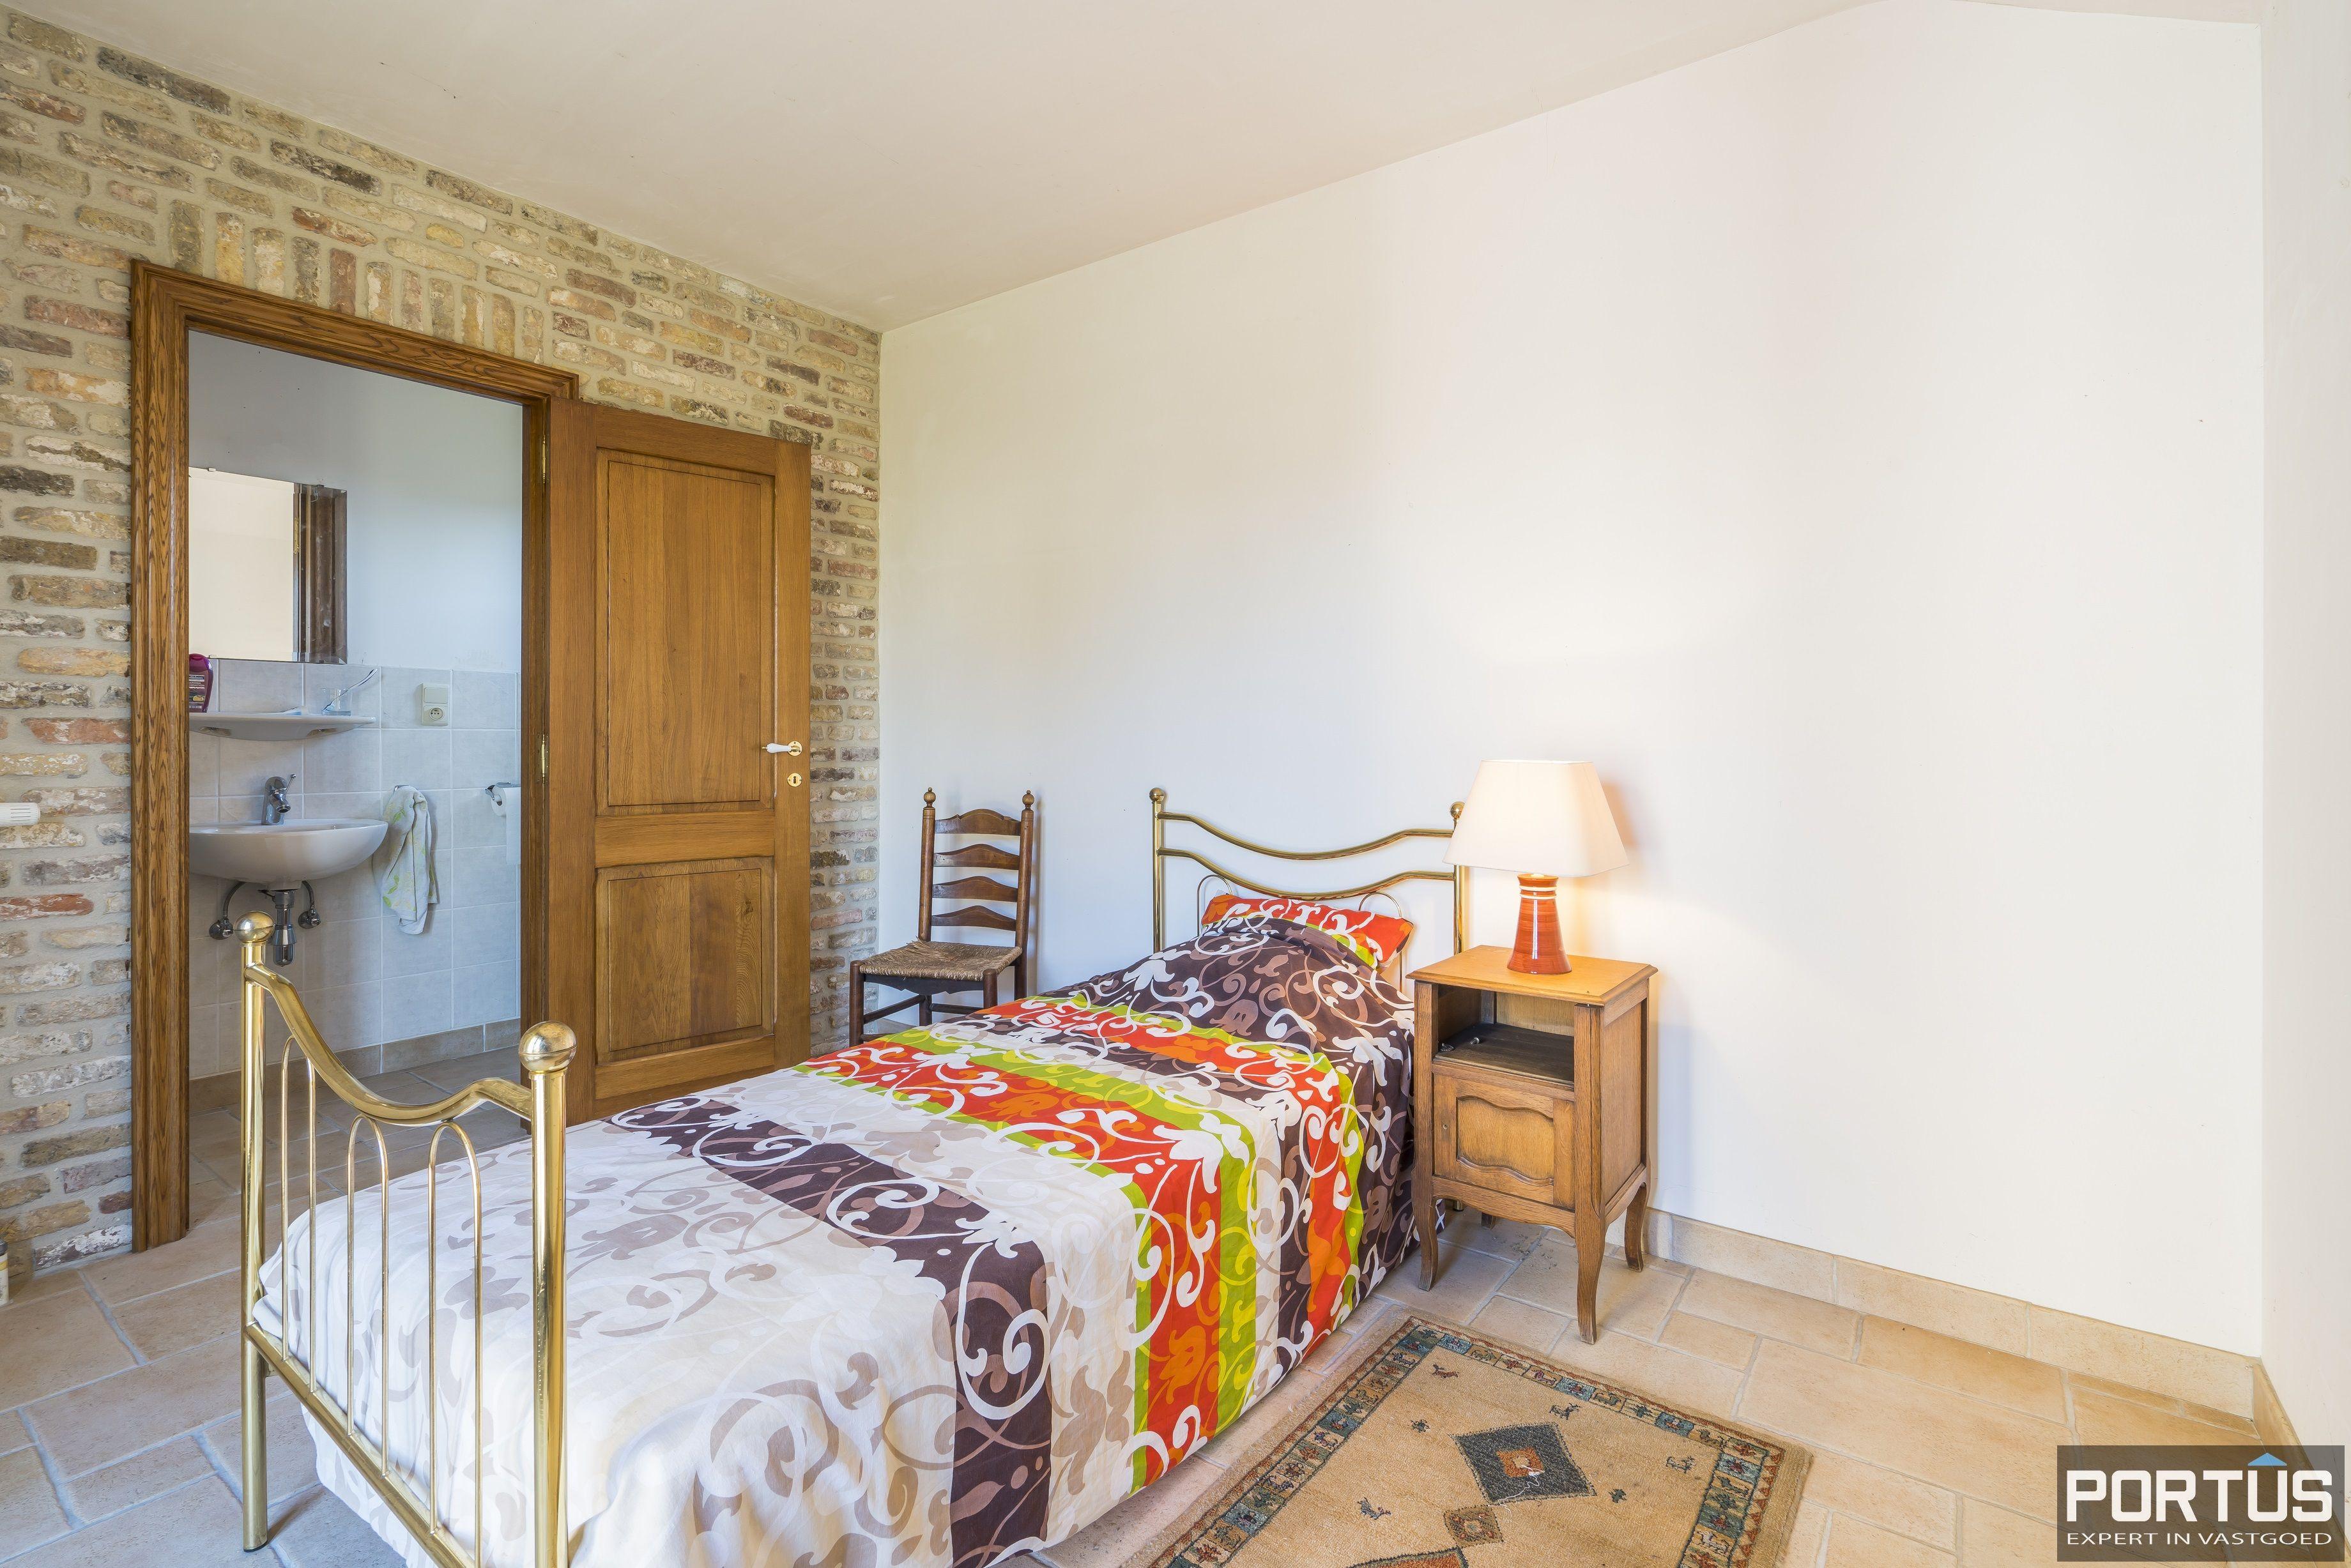 Woning te koop met 4 slaapkamers te Oostduinkerke - 12597